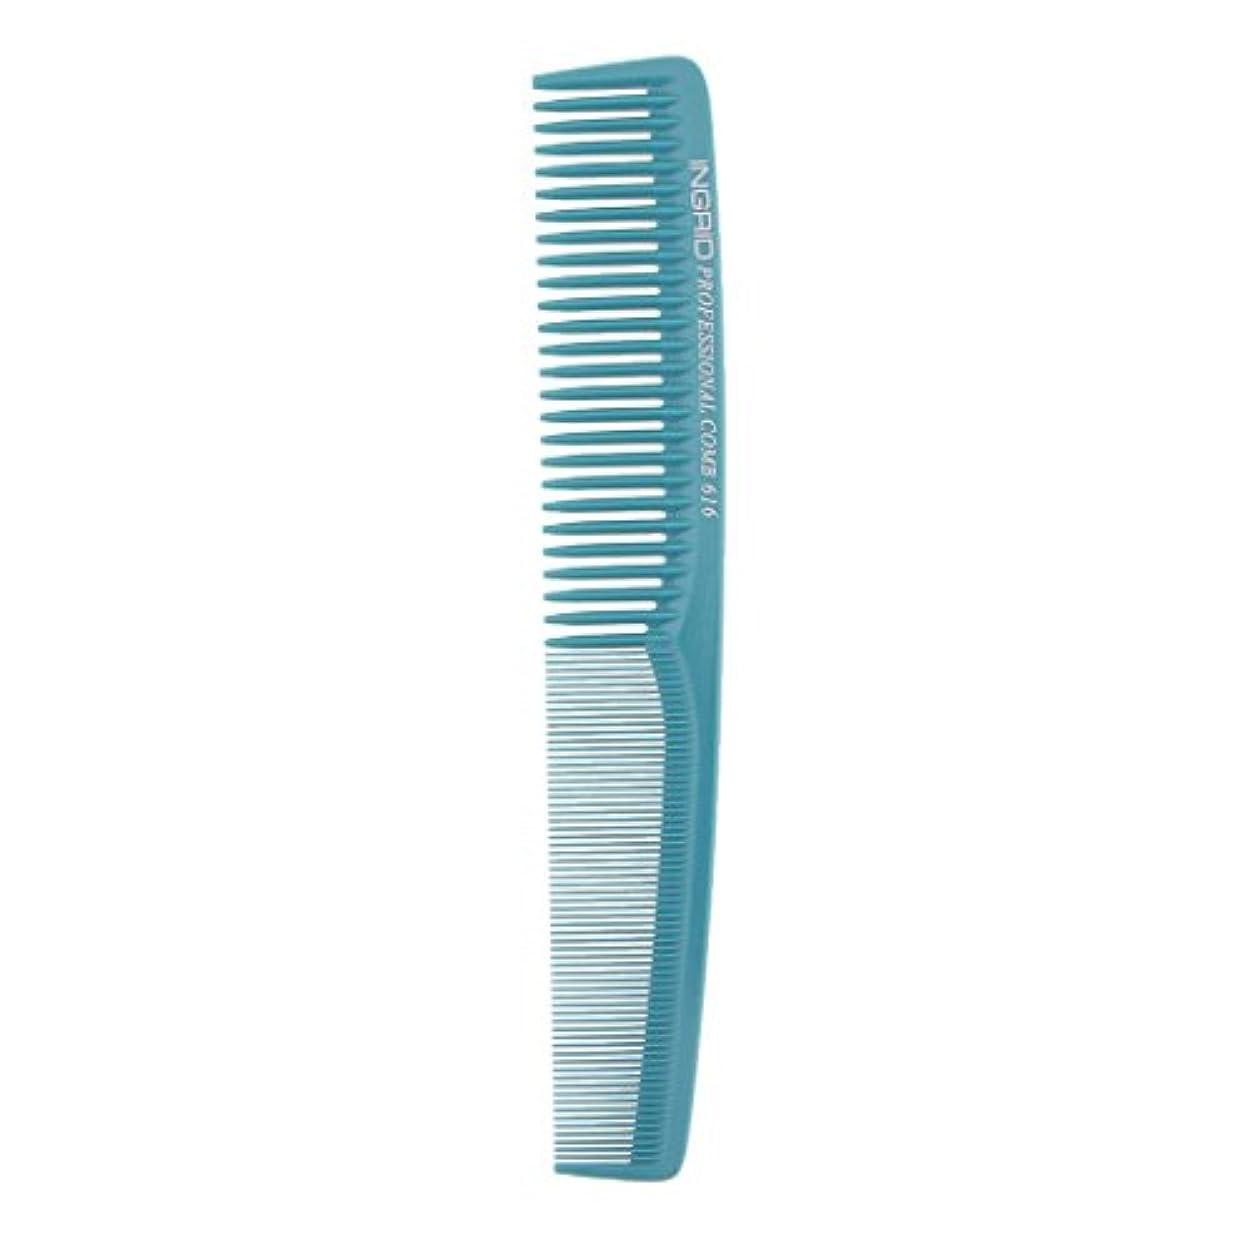 トレーニングまろやかな寄稿者T TOOYFUL プロサロンヘアースタイリング理髪帯電防止理容室もつれ櫛ブラシ - ライトブルー